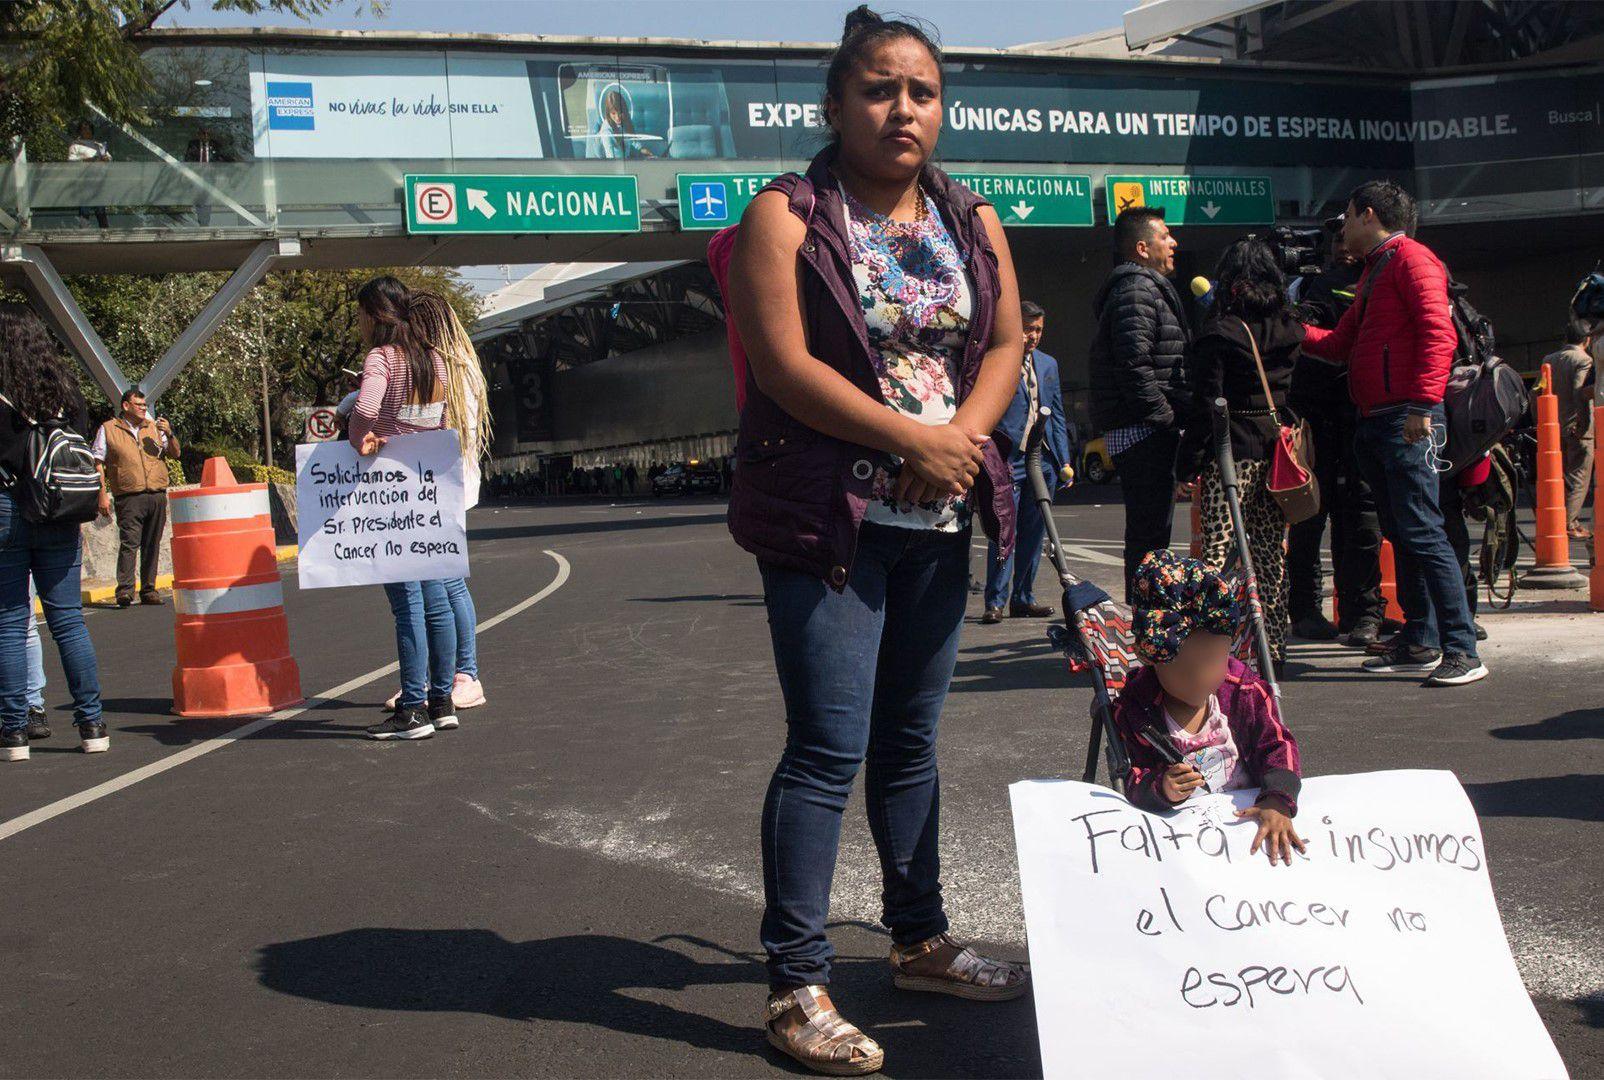 Padres de niños con cáncer realizan un bloqueo en inmediaciones del Aeropuerto Internacional de la Ciudad de México (Foto: Cuartoscuro)